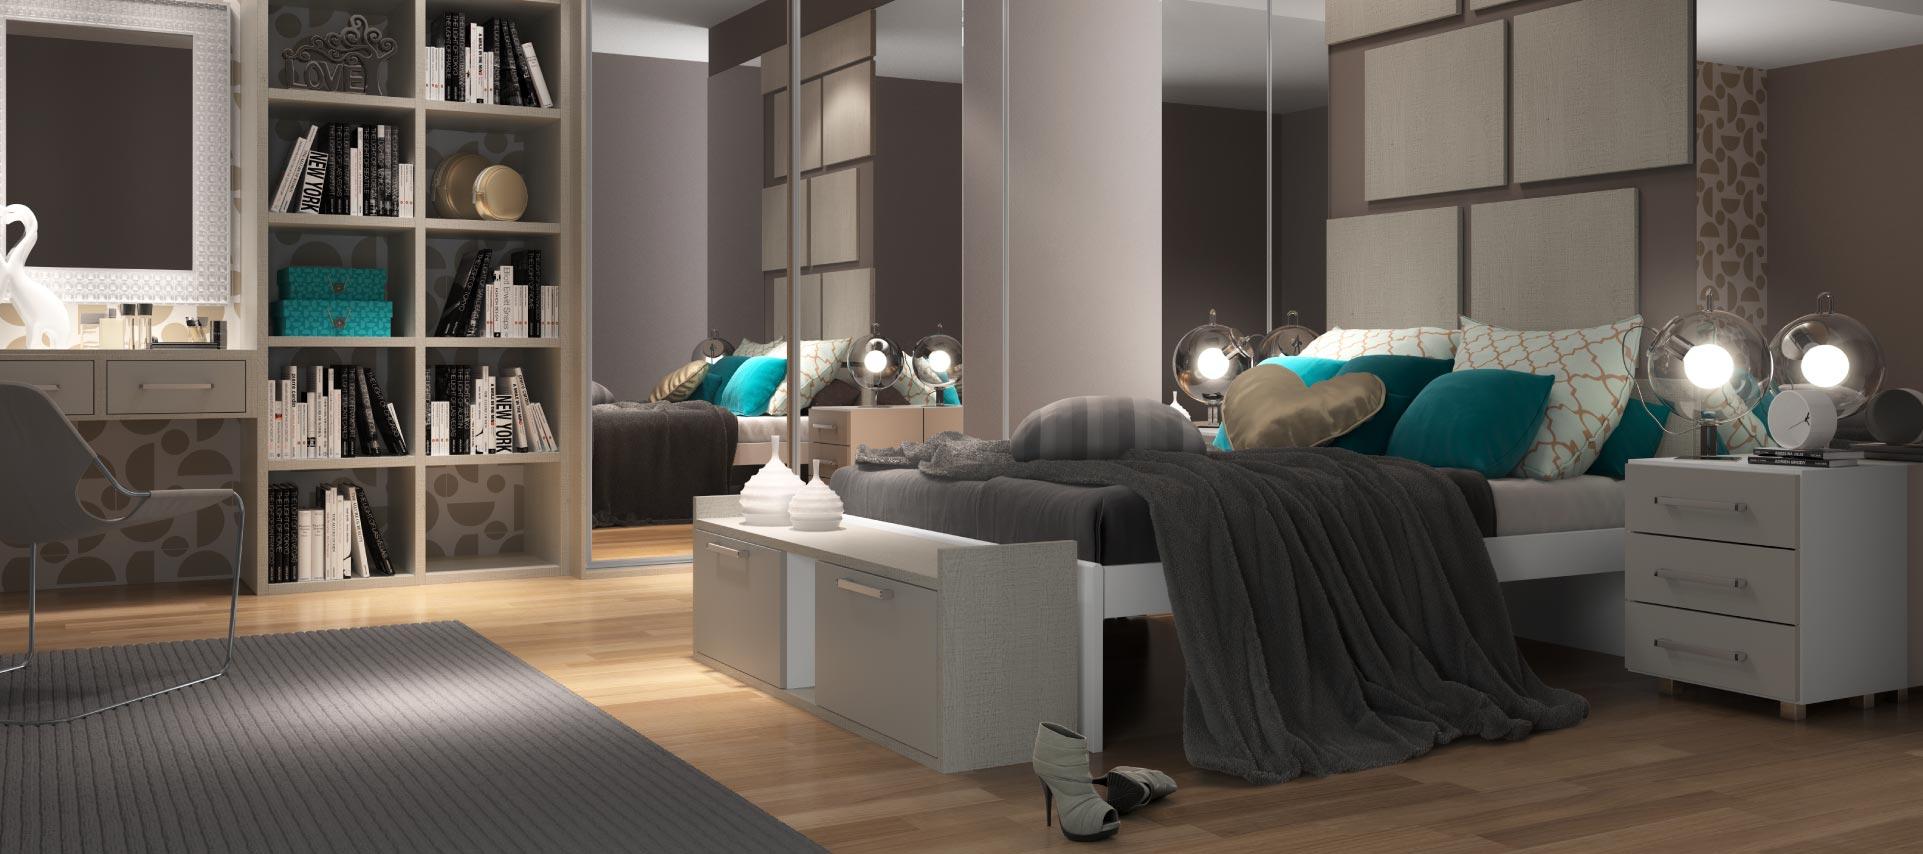 https://www.decor8planejados.com.br/wp-content/uploads/2016/03/dormitorio-planejado-moveis-planejados-decor8.jpg